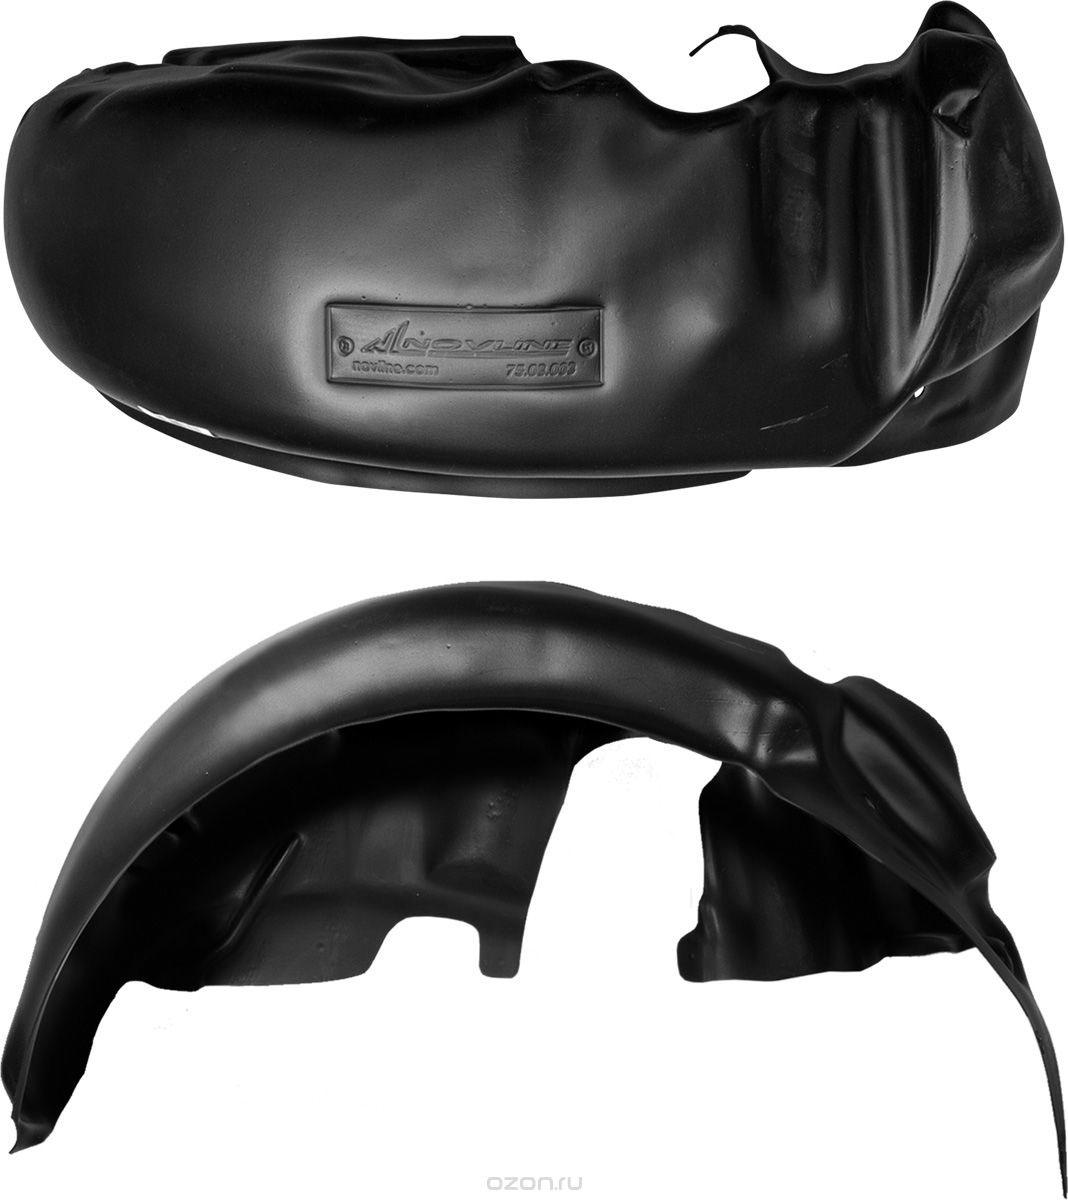 Подкрылок Novline-Autofamily, для Mazda CX-9, 2007-2012, 2012->, передний правыйNLL.33.16.002Идеальная защита колесной ниши. Локеры разработаны с применением цифровых технологий, гарантируют максимальную повторяемость поверхности арки. Изделия устанавливаются без нарушения лакокрасочного покрытия автомобиля, каждый подкрылок комплектуется крепежом. Уважаемые клиенты, обращаем ваше внимание, что фотографии на подкрылки универсальные и не отражают реальную форму изделия. При этом само изделие идет точно под размер указанного автомобиля.